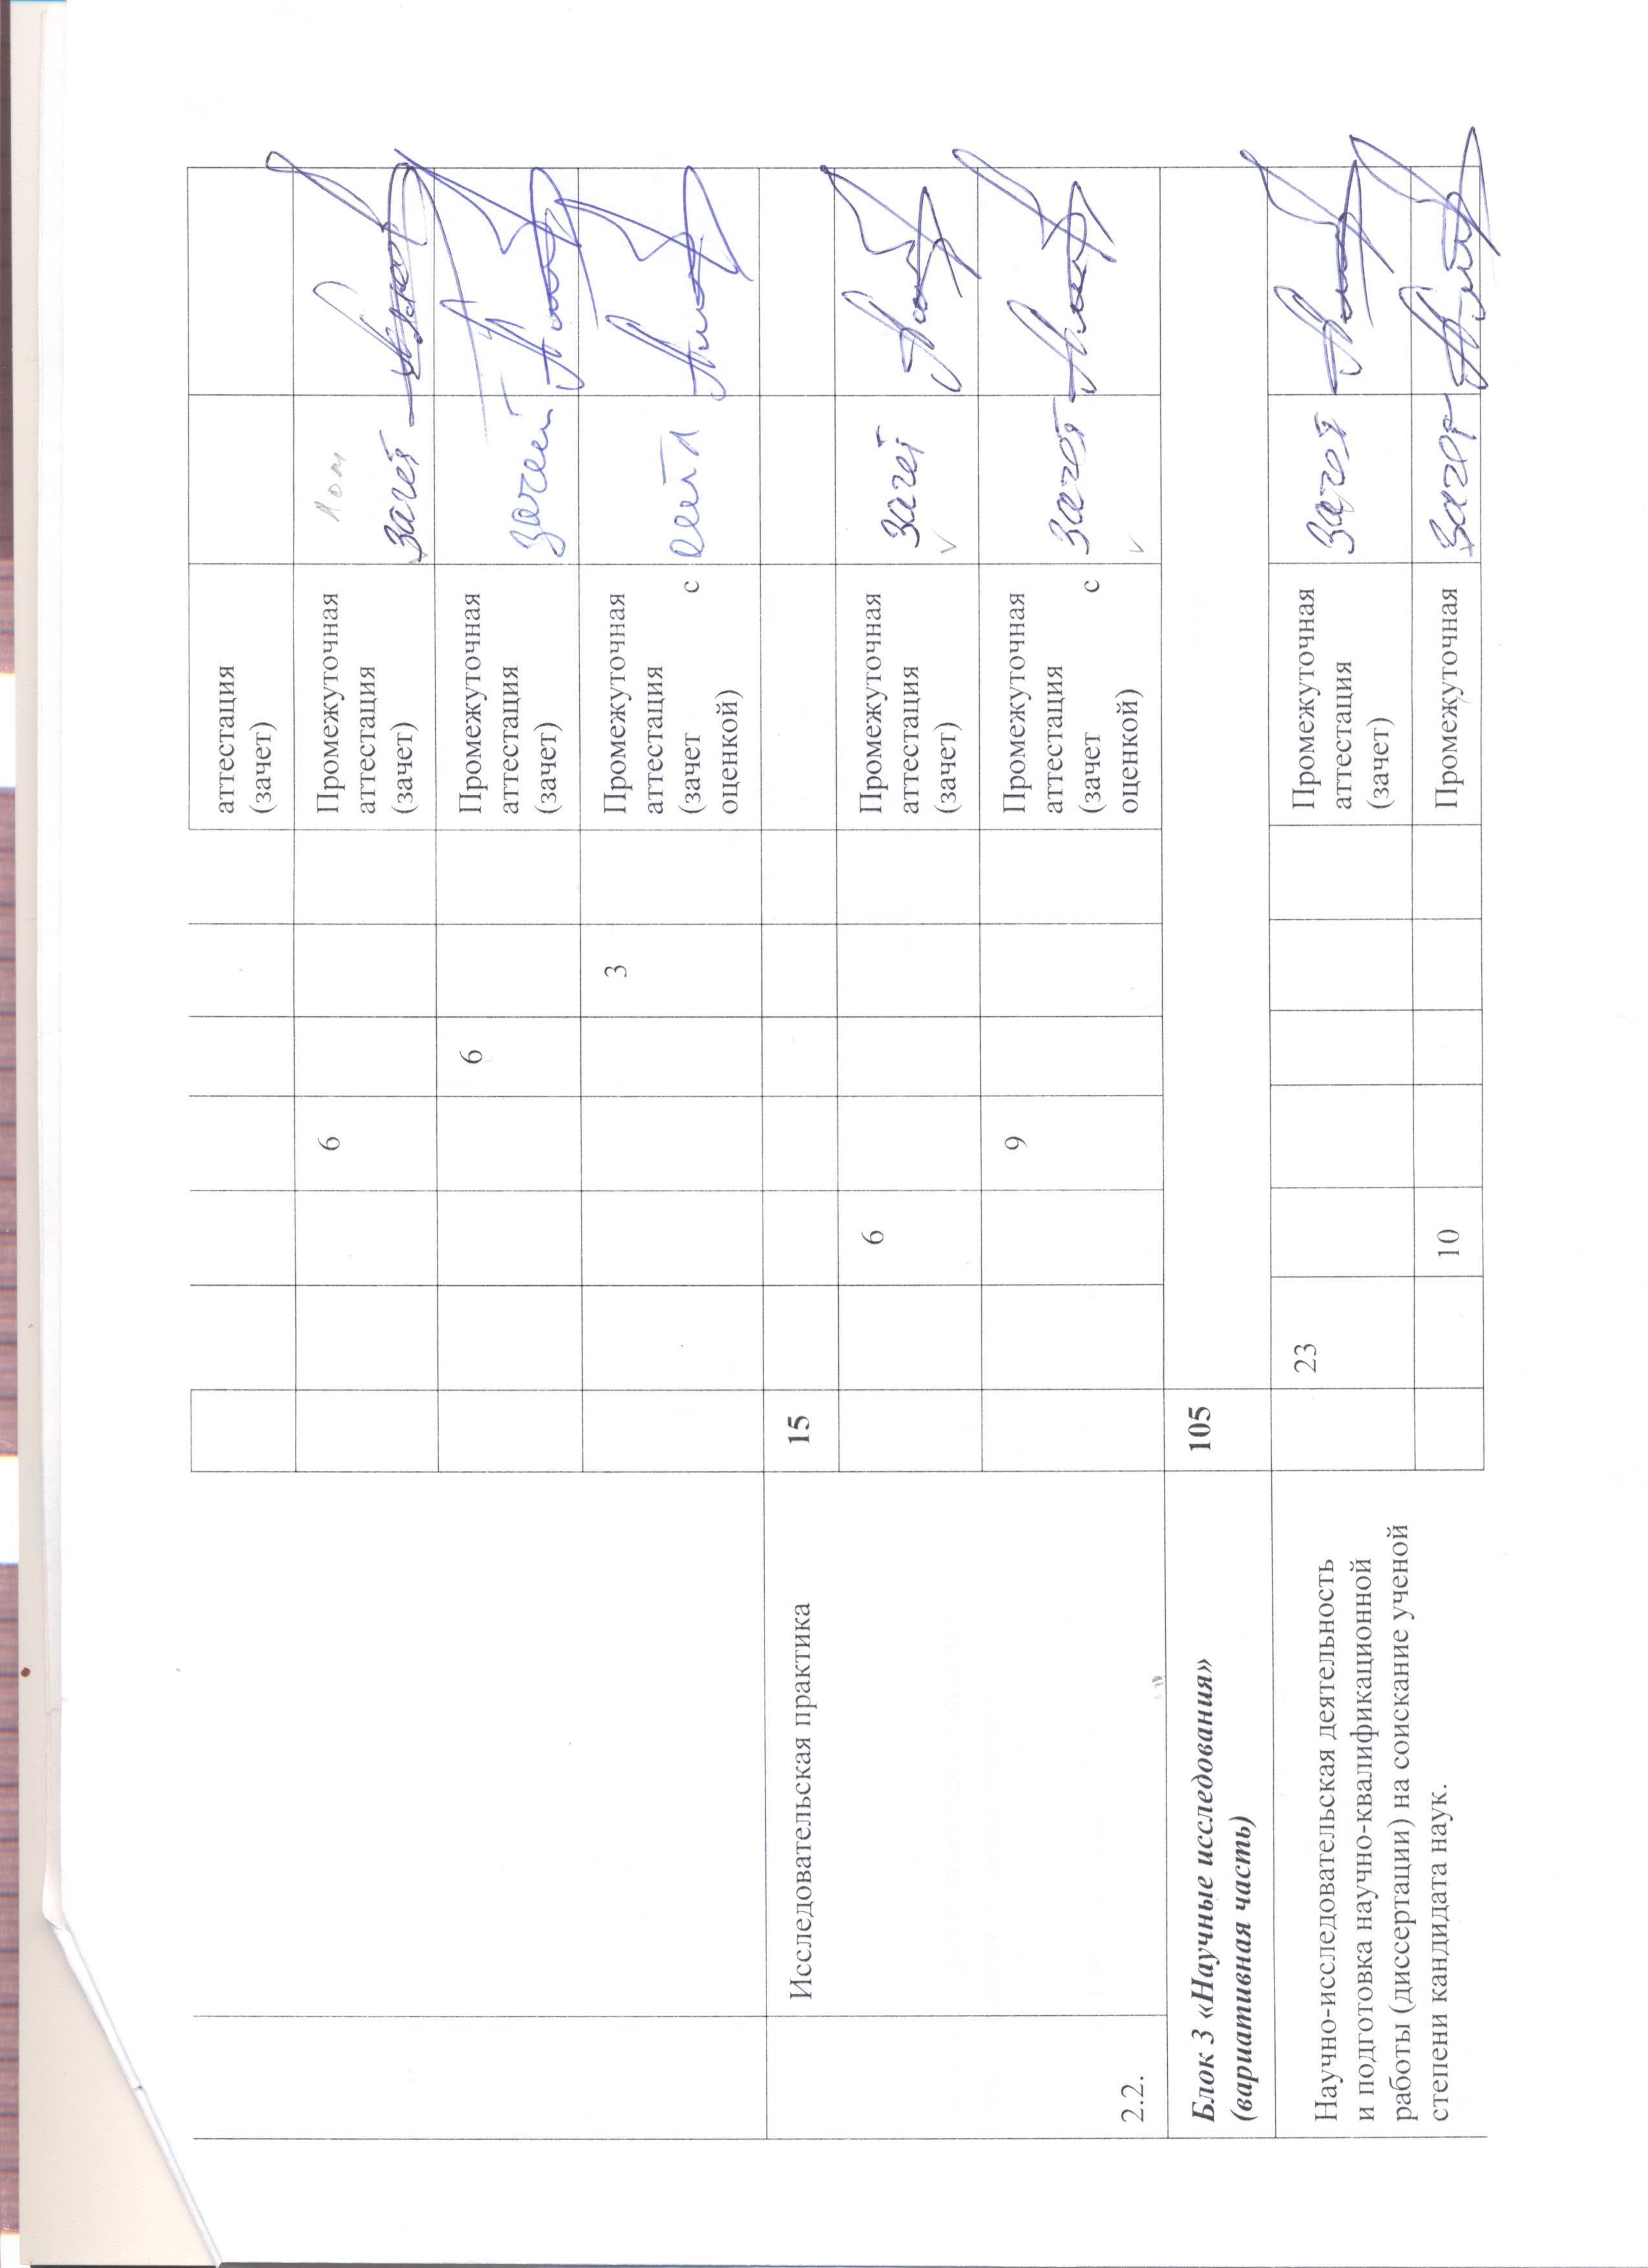 Харитонов Артур Владимирович пользователь сотрудник ИСТИНА  Отчет по исследовательской практике 1 2 · Отчет по педагогической практике 1 2